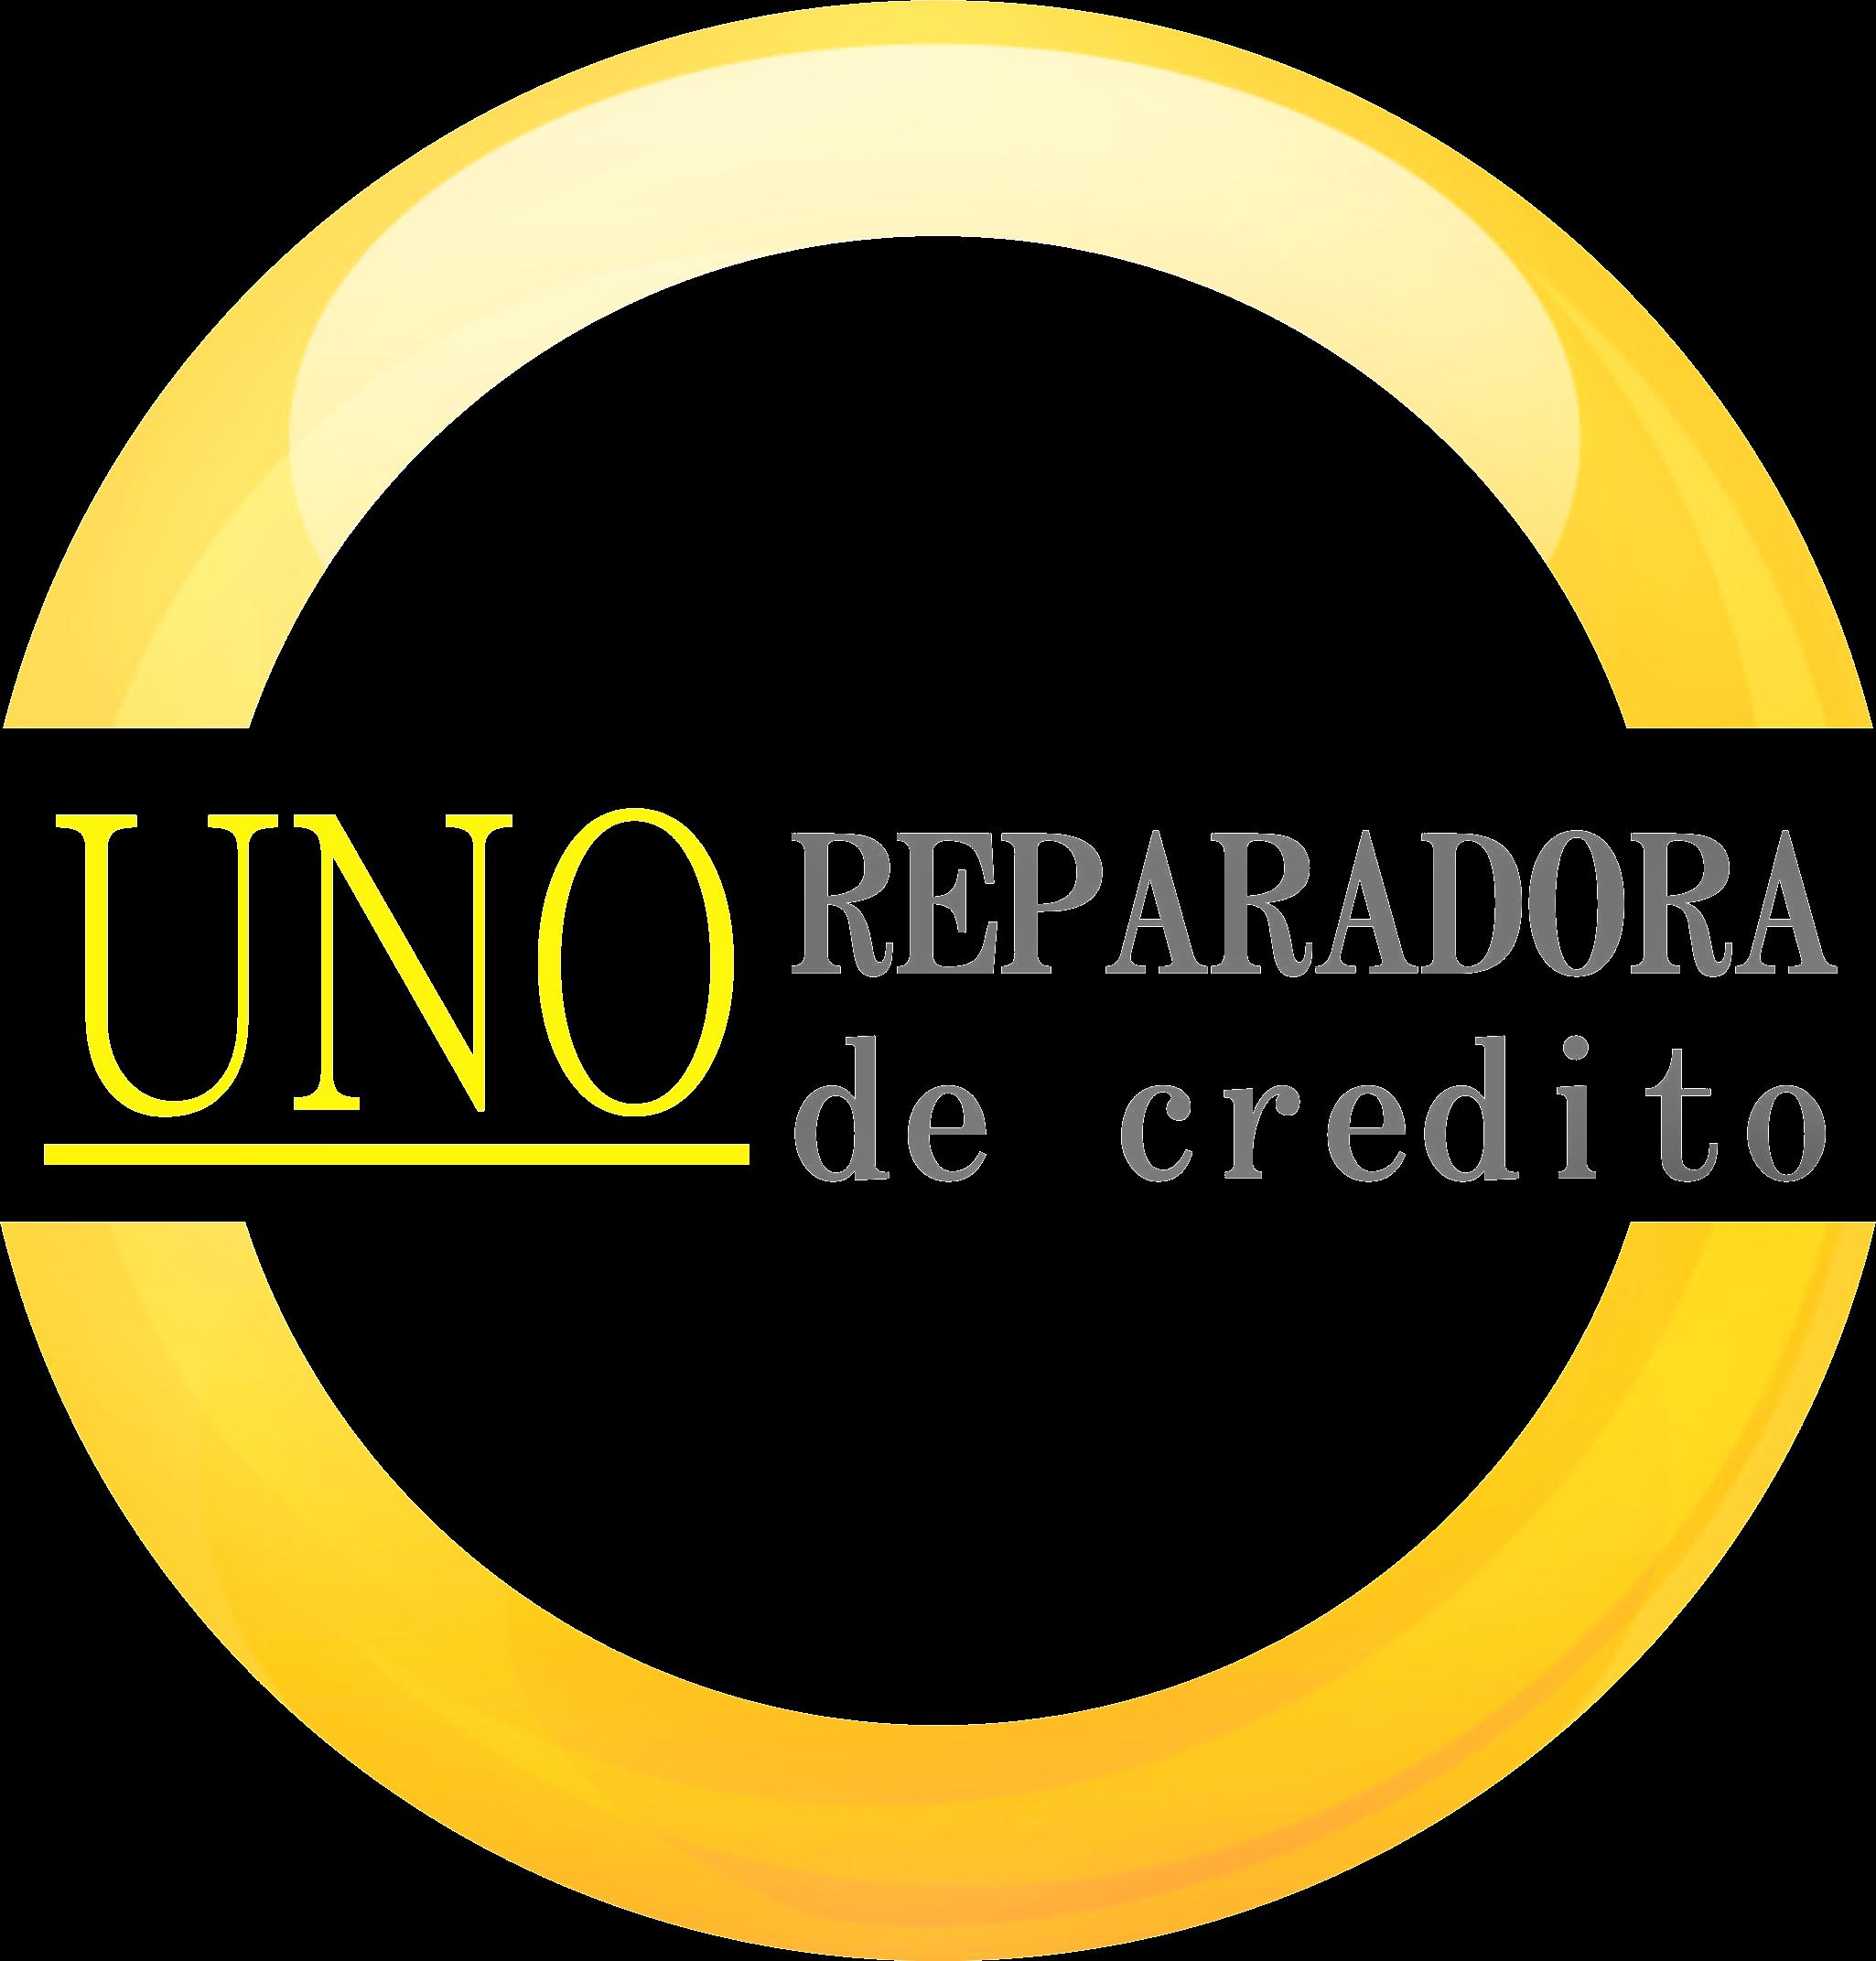 UNO RC